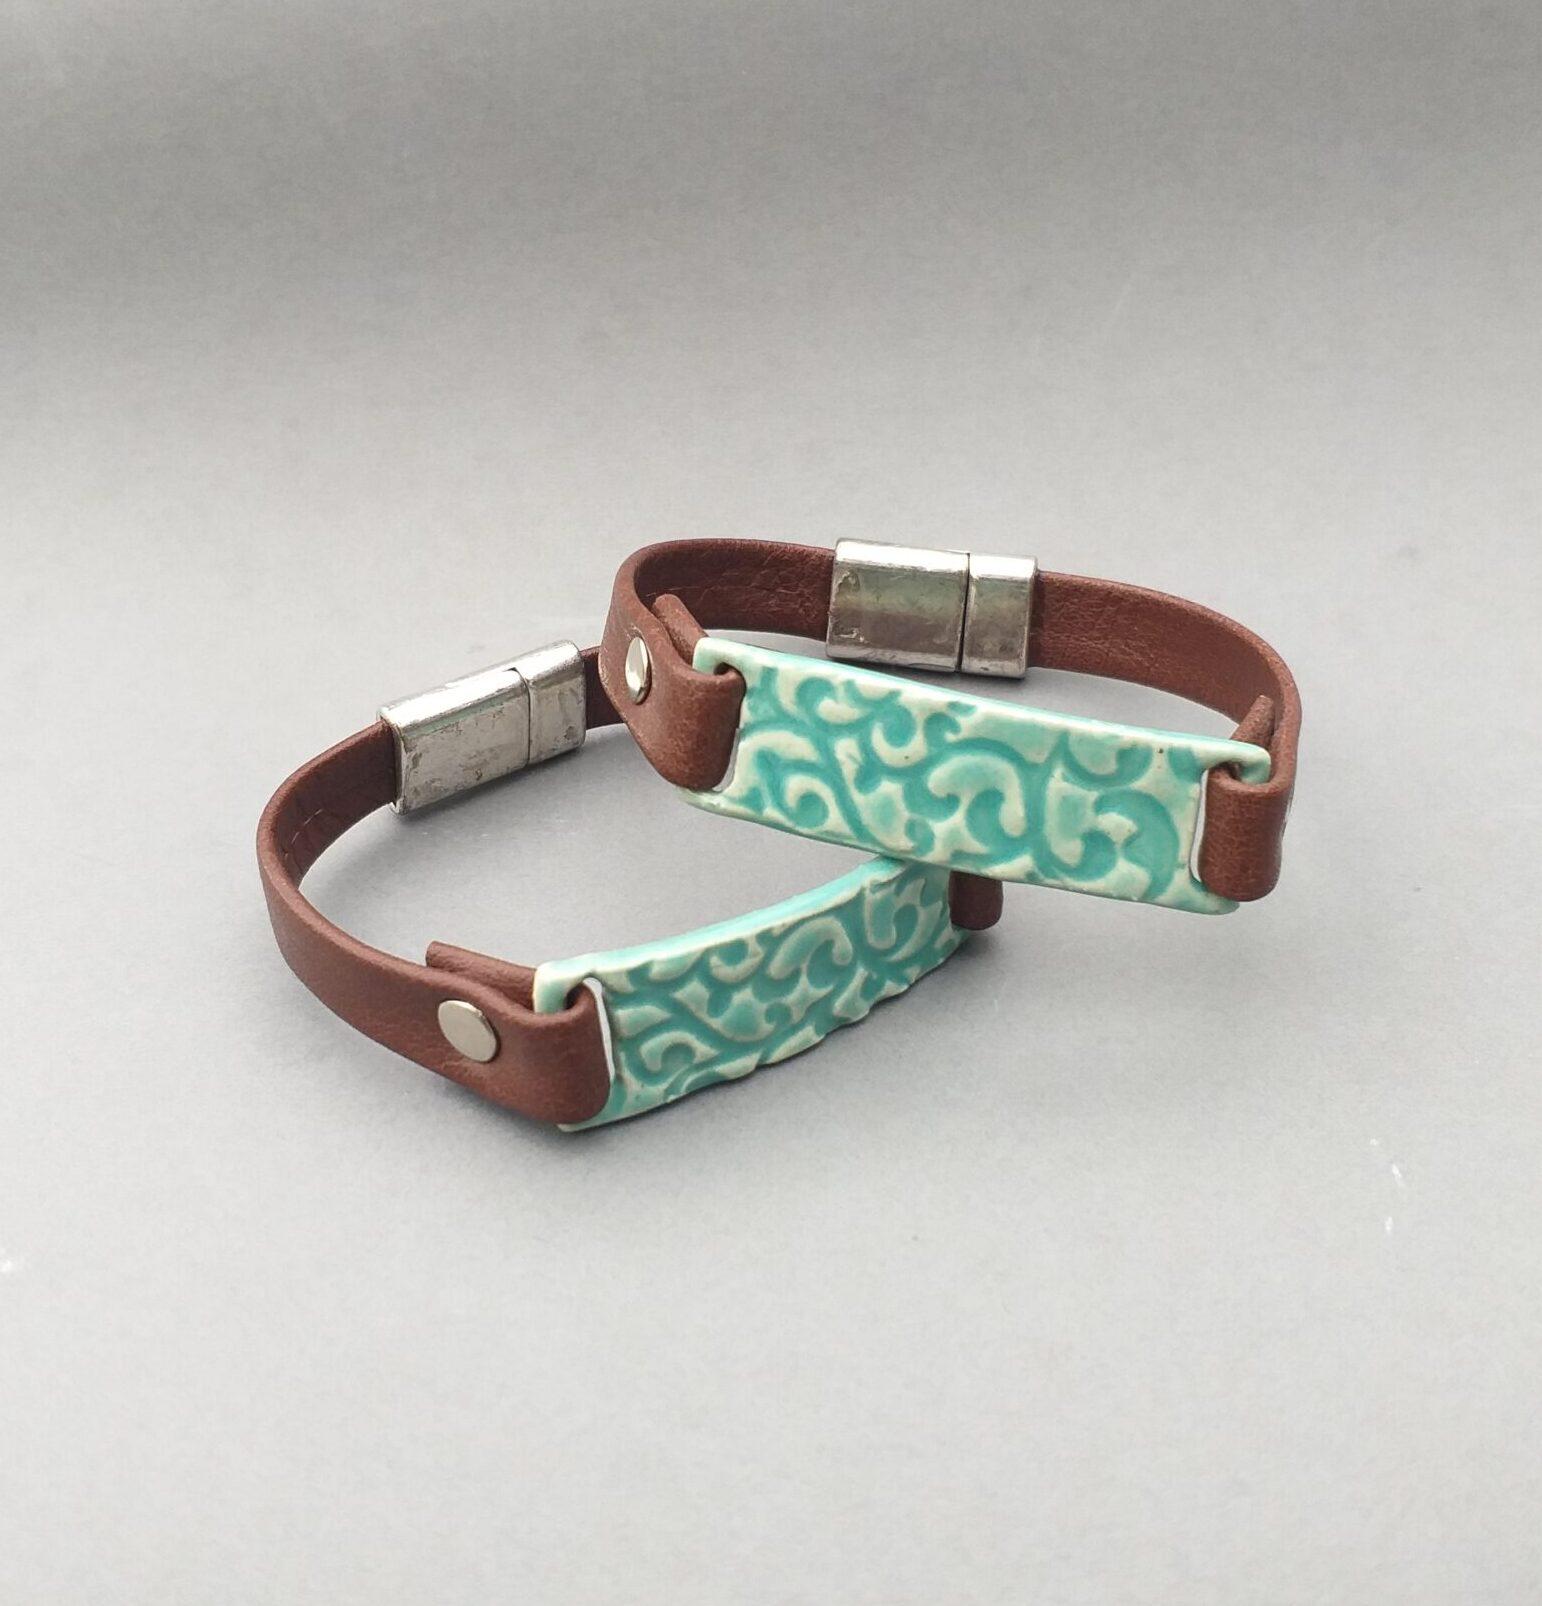 Armband Image